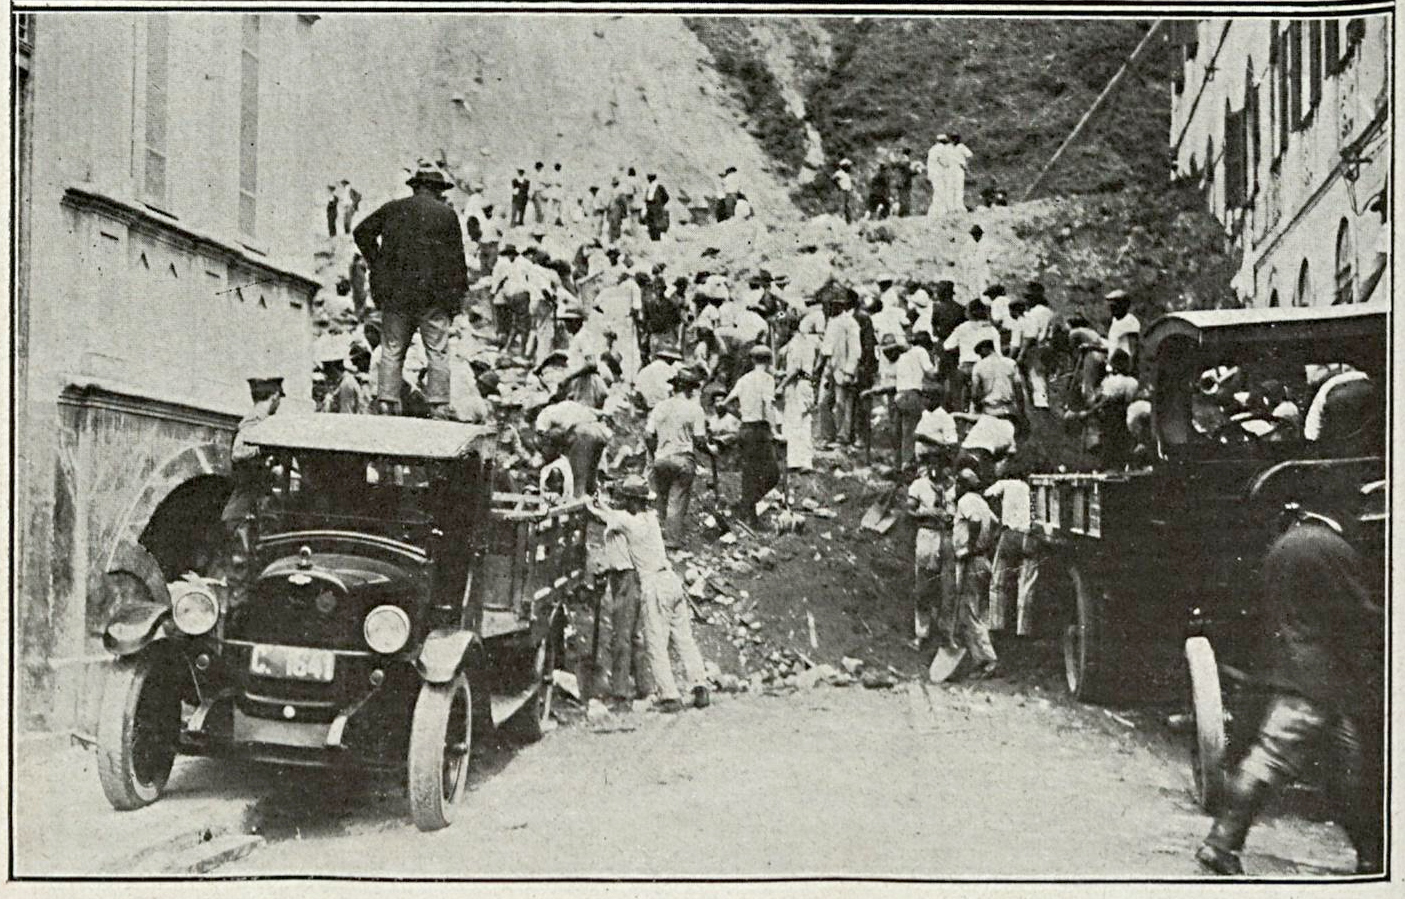 Centenas de homens foram mobilizados para o resgate das vítimas. Foto revista Careta.